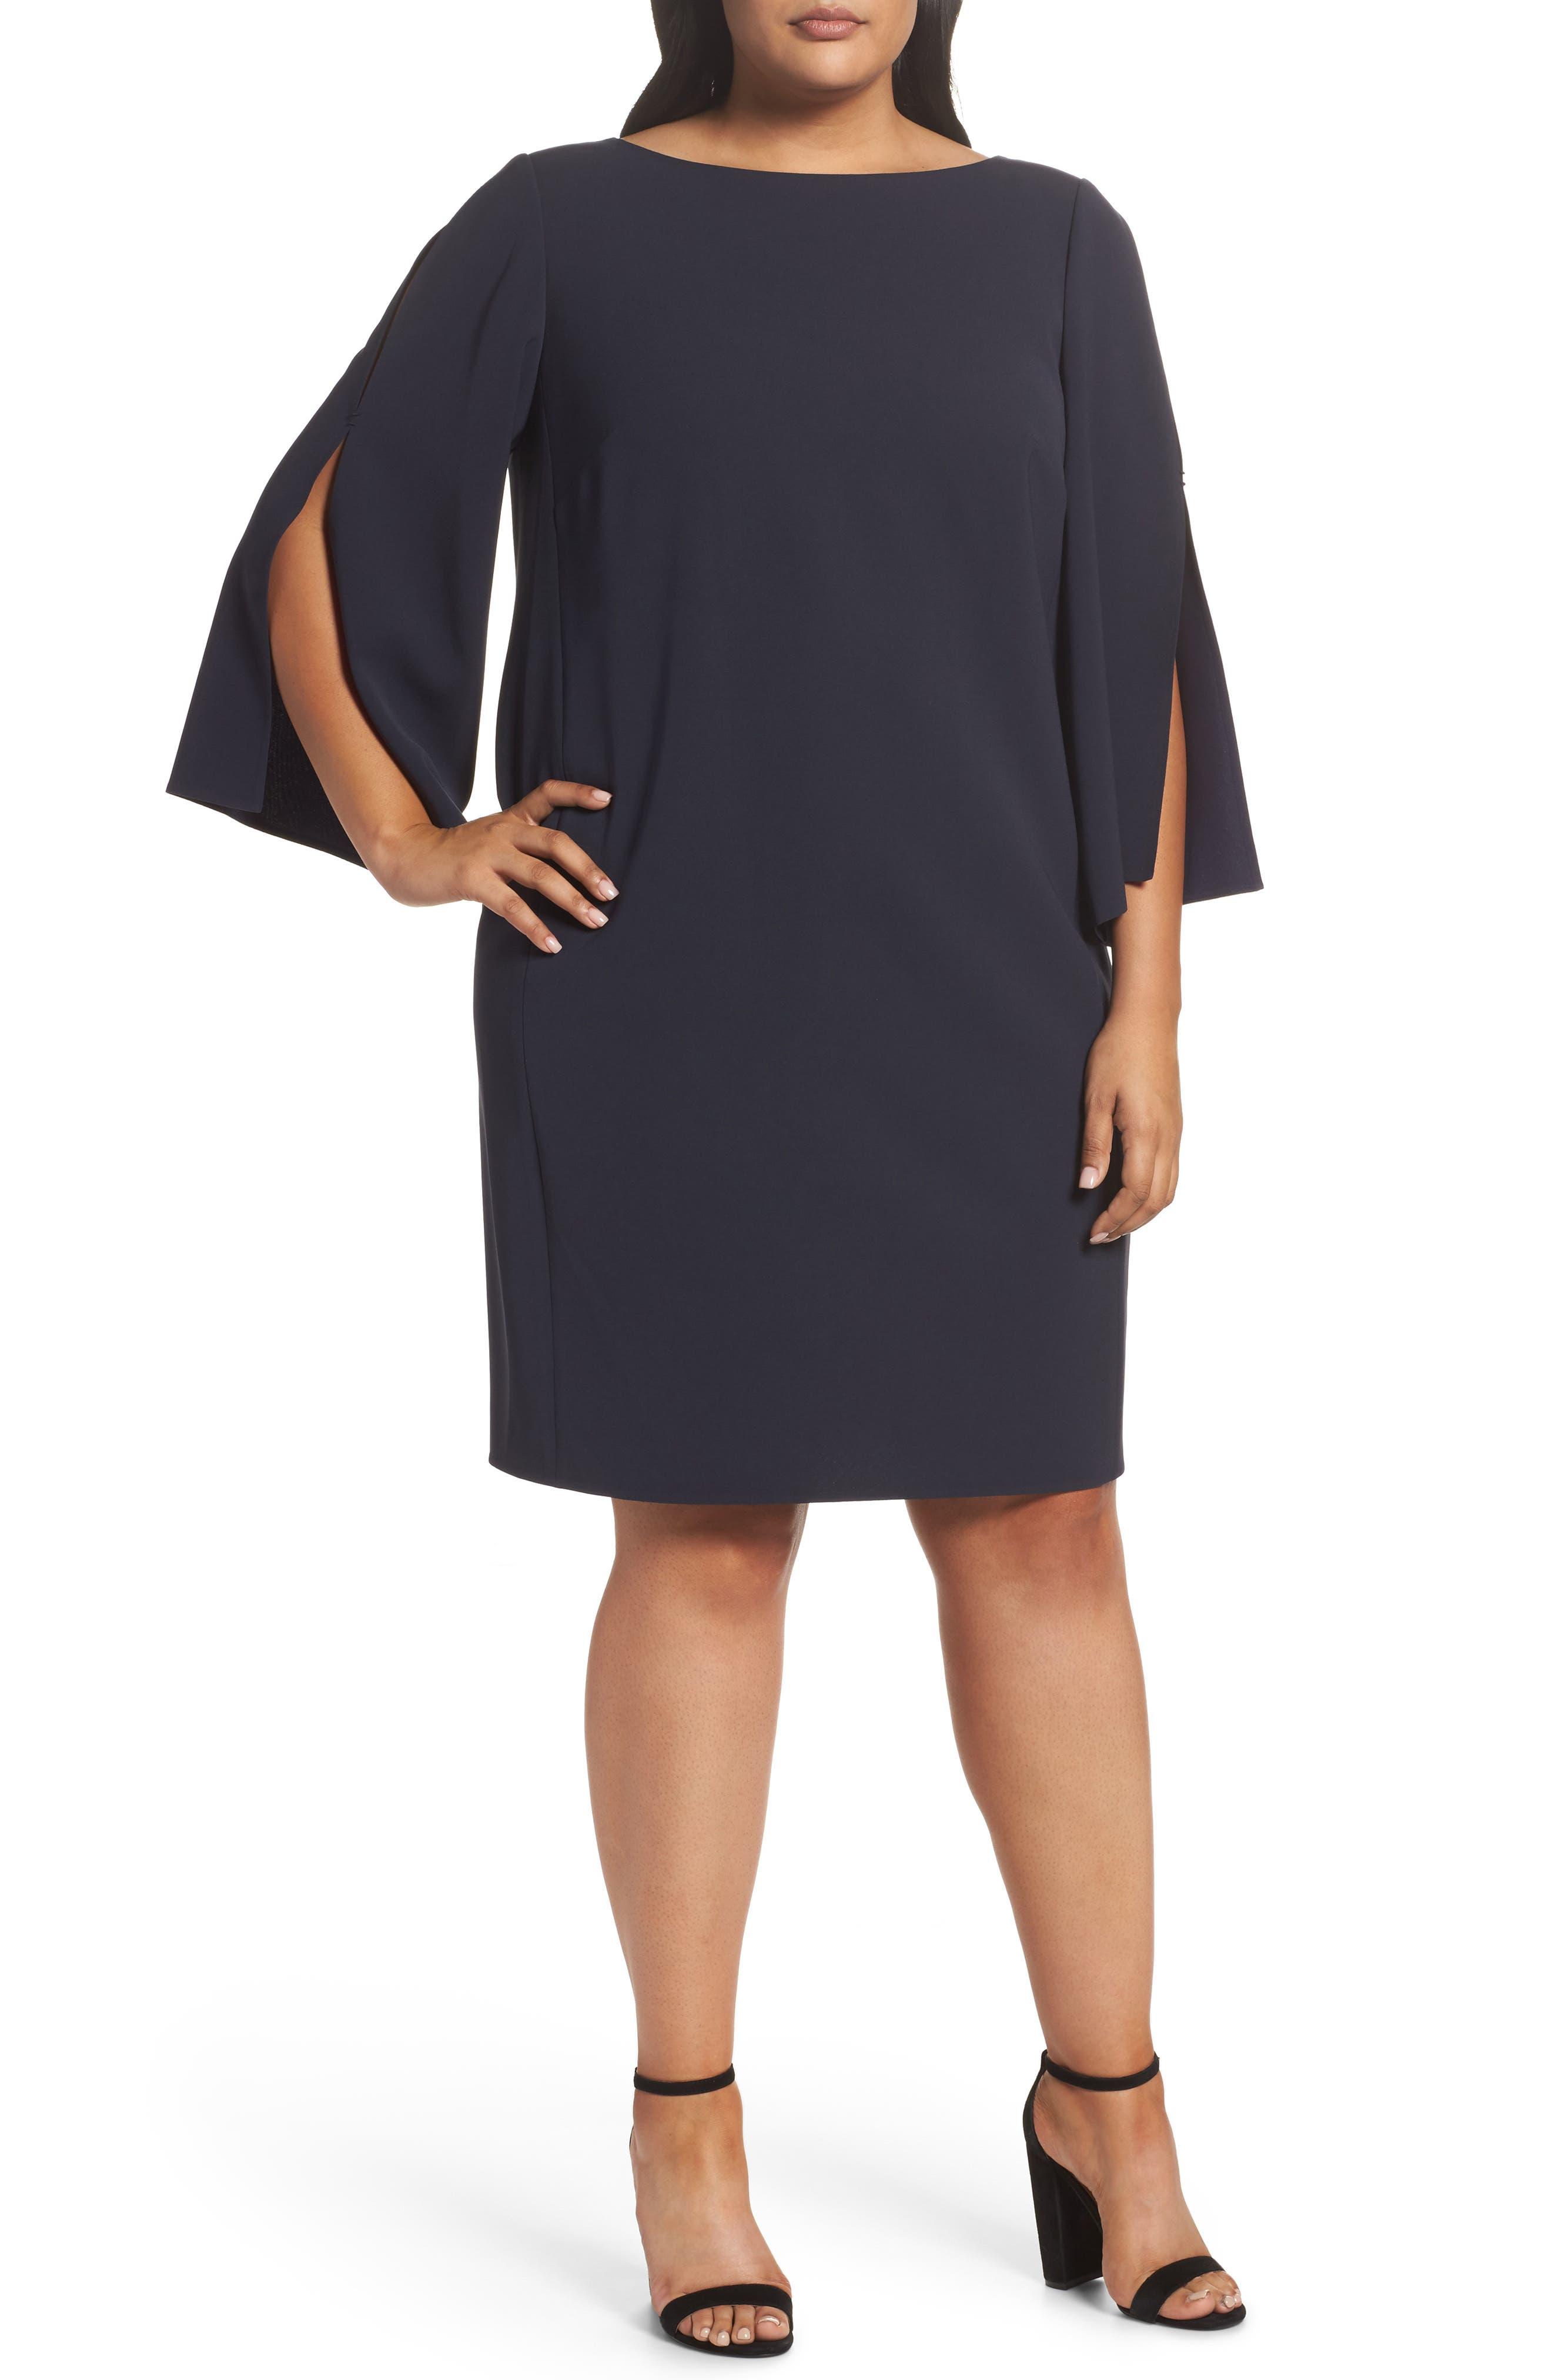 Main Image - Lafayette 148 New York Candace Crepe Shift Dress (Plus Size)